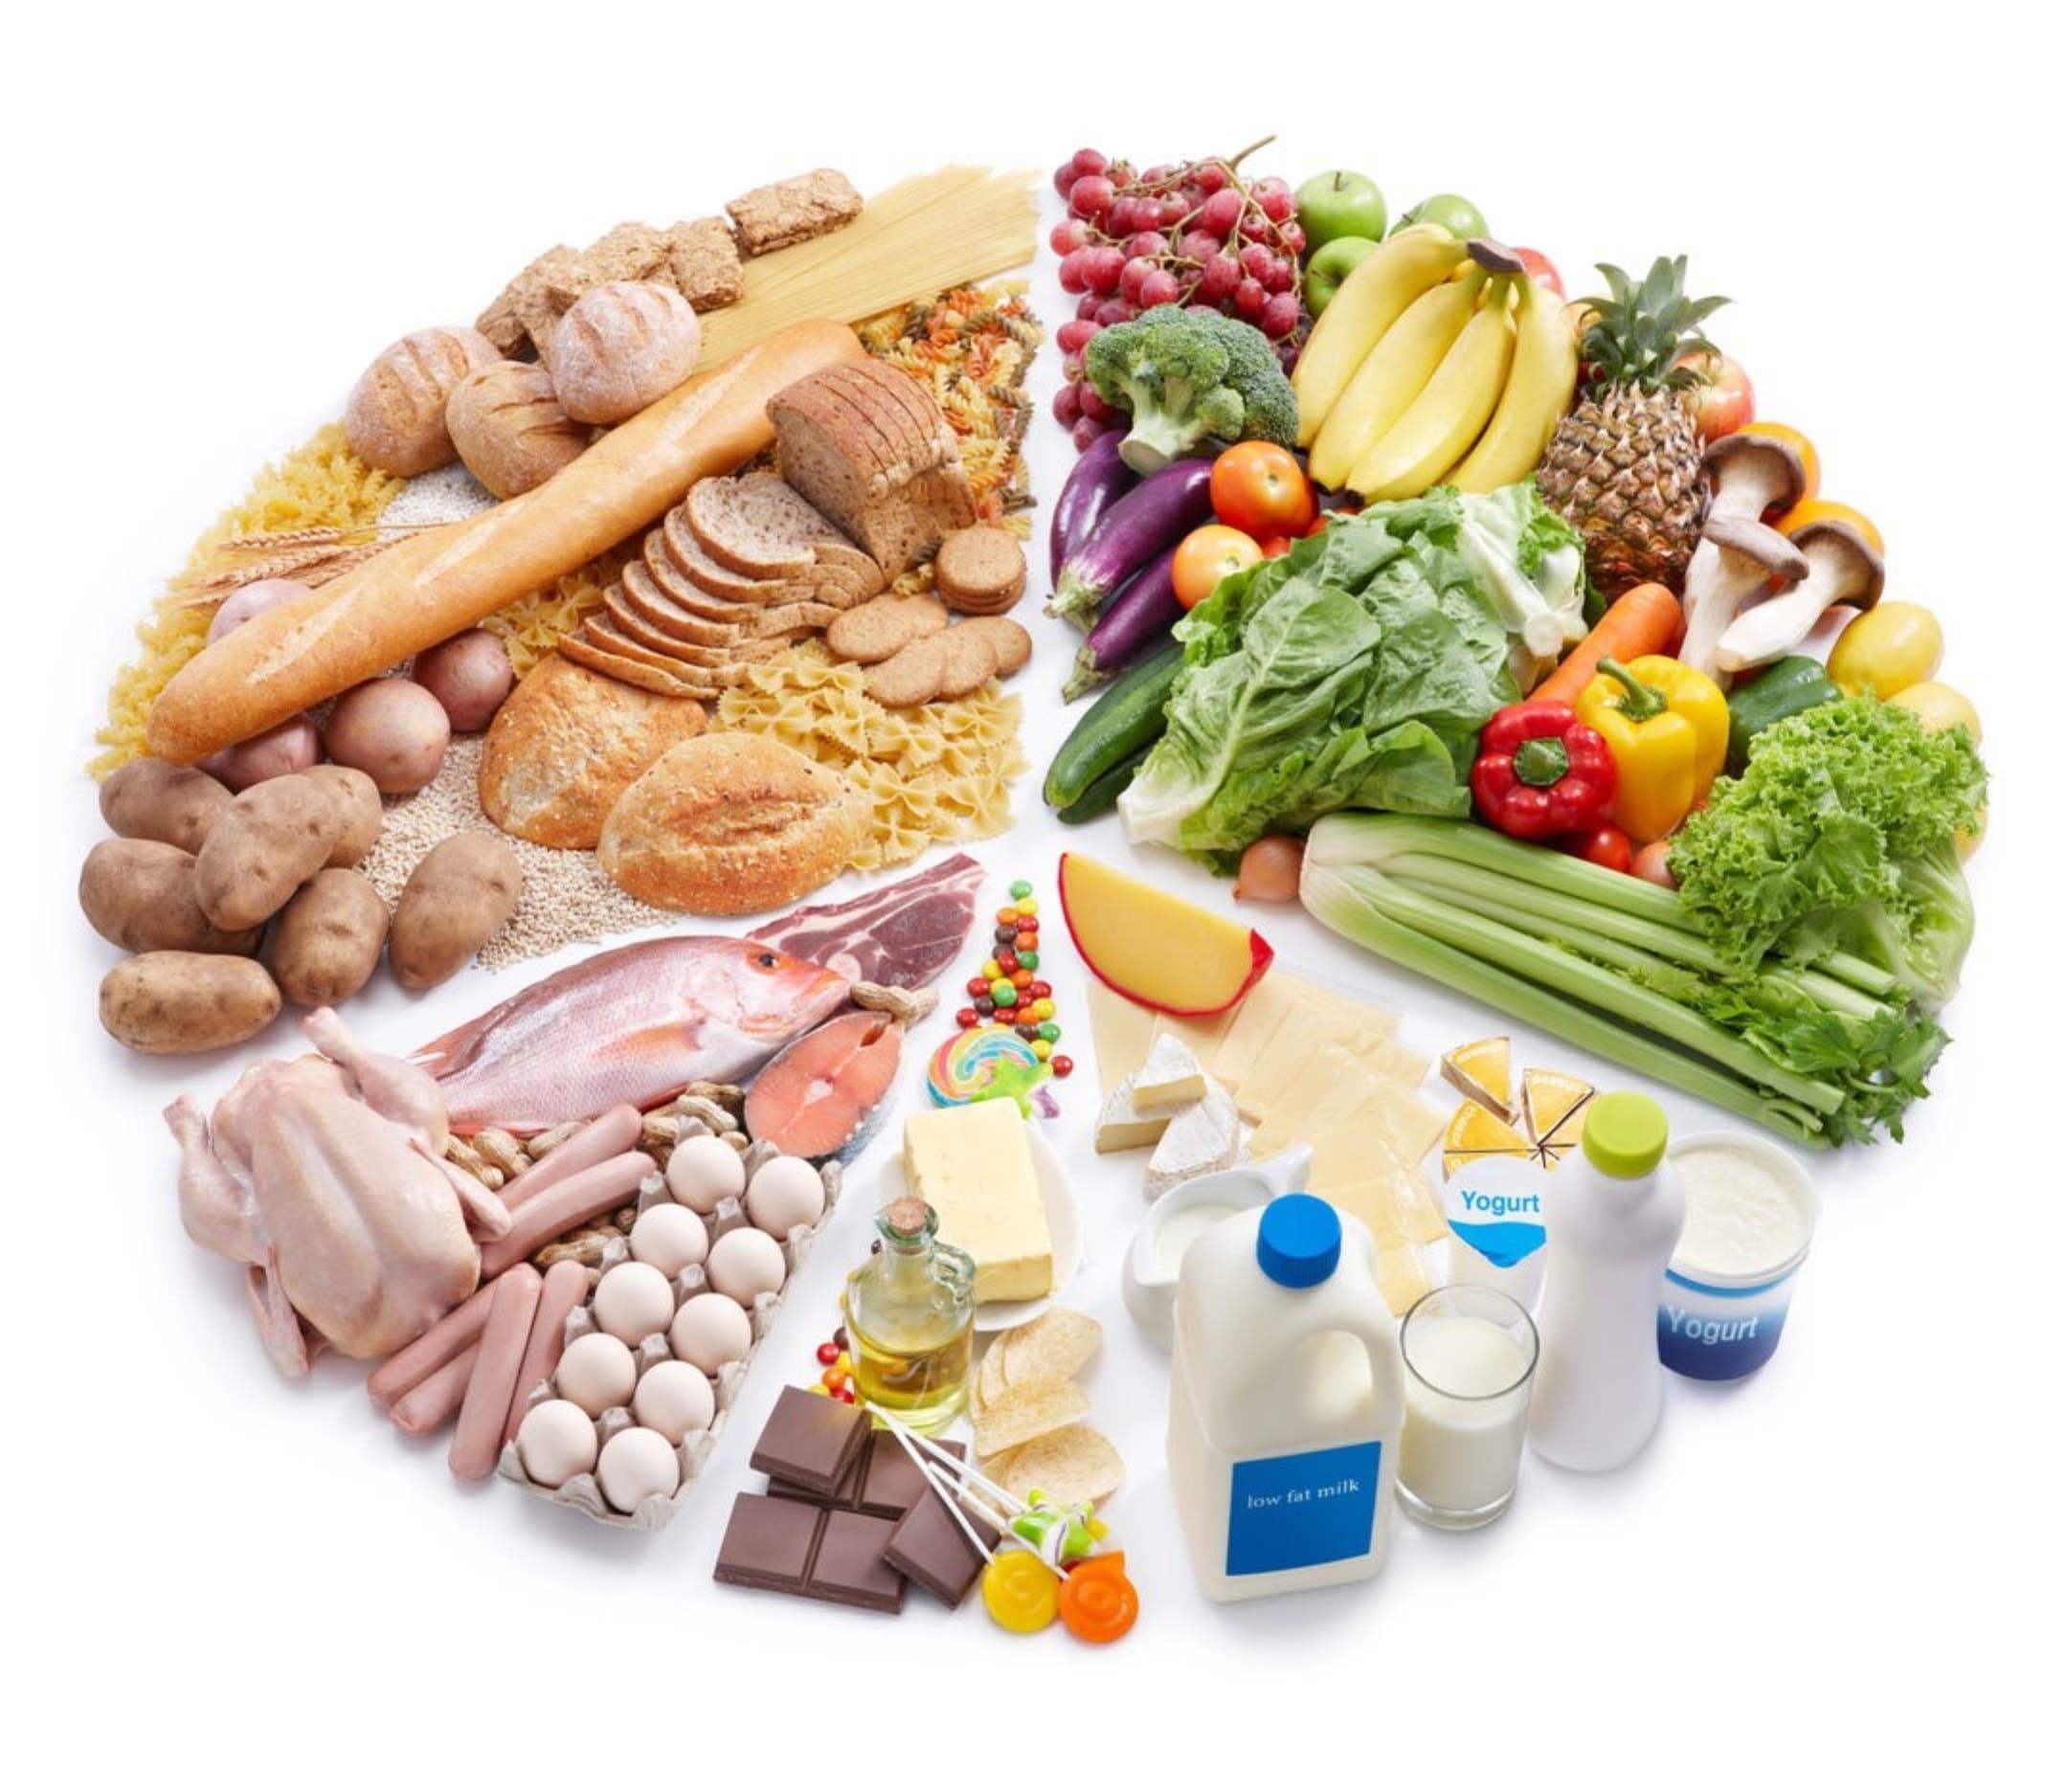 Dieta de las 1,300 calorías apuesta al balance